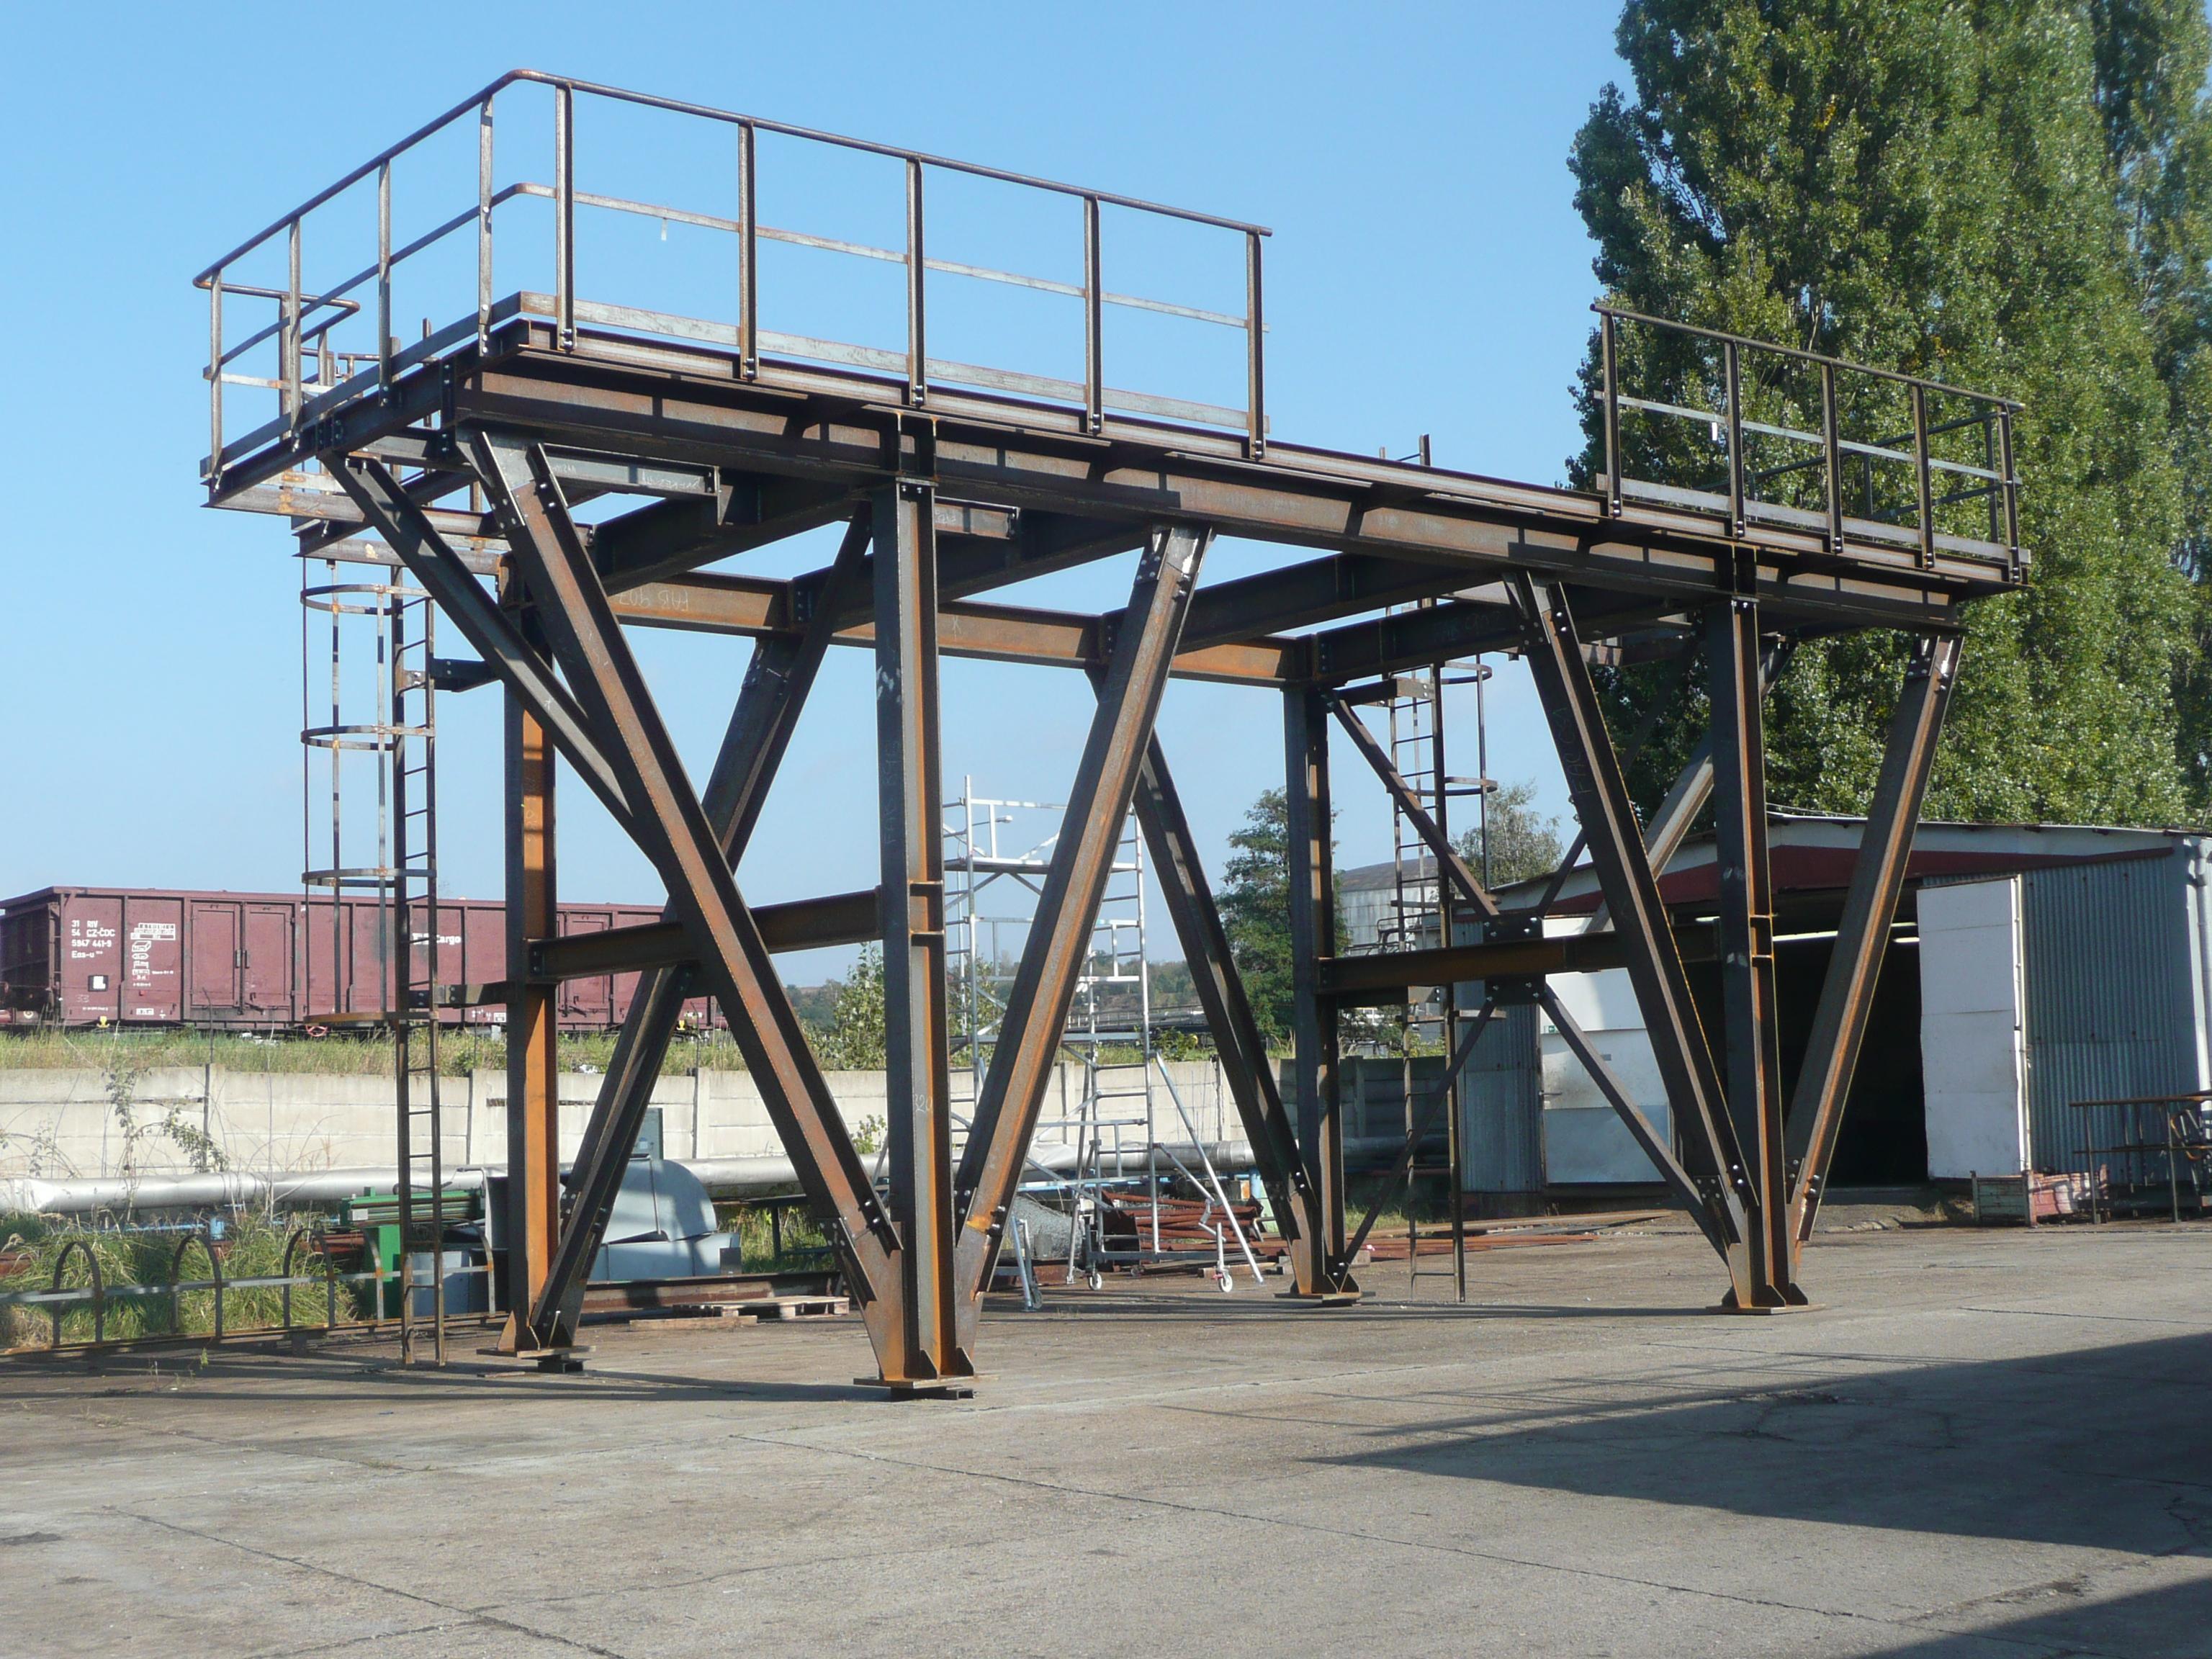 výroba a montáž ocelových konstrukcí včetně povrchových úprav a zkušebního sestavení